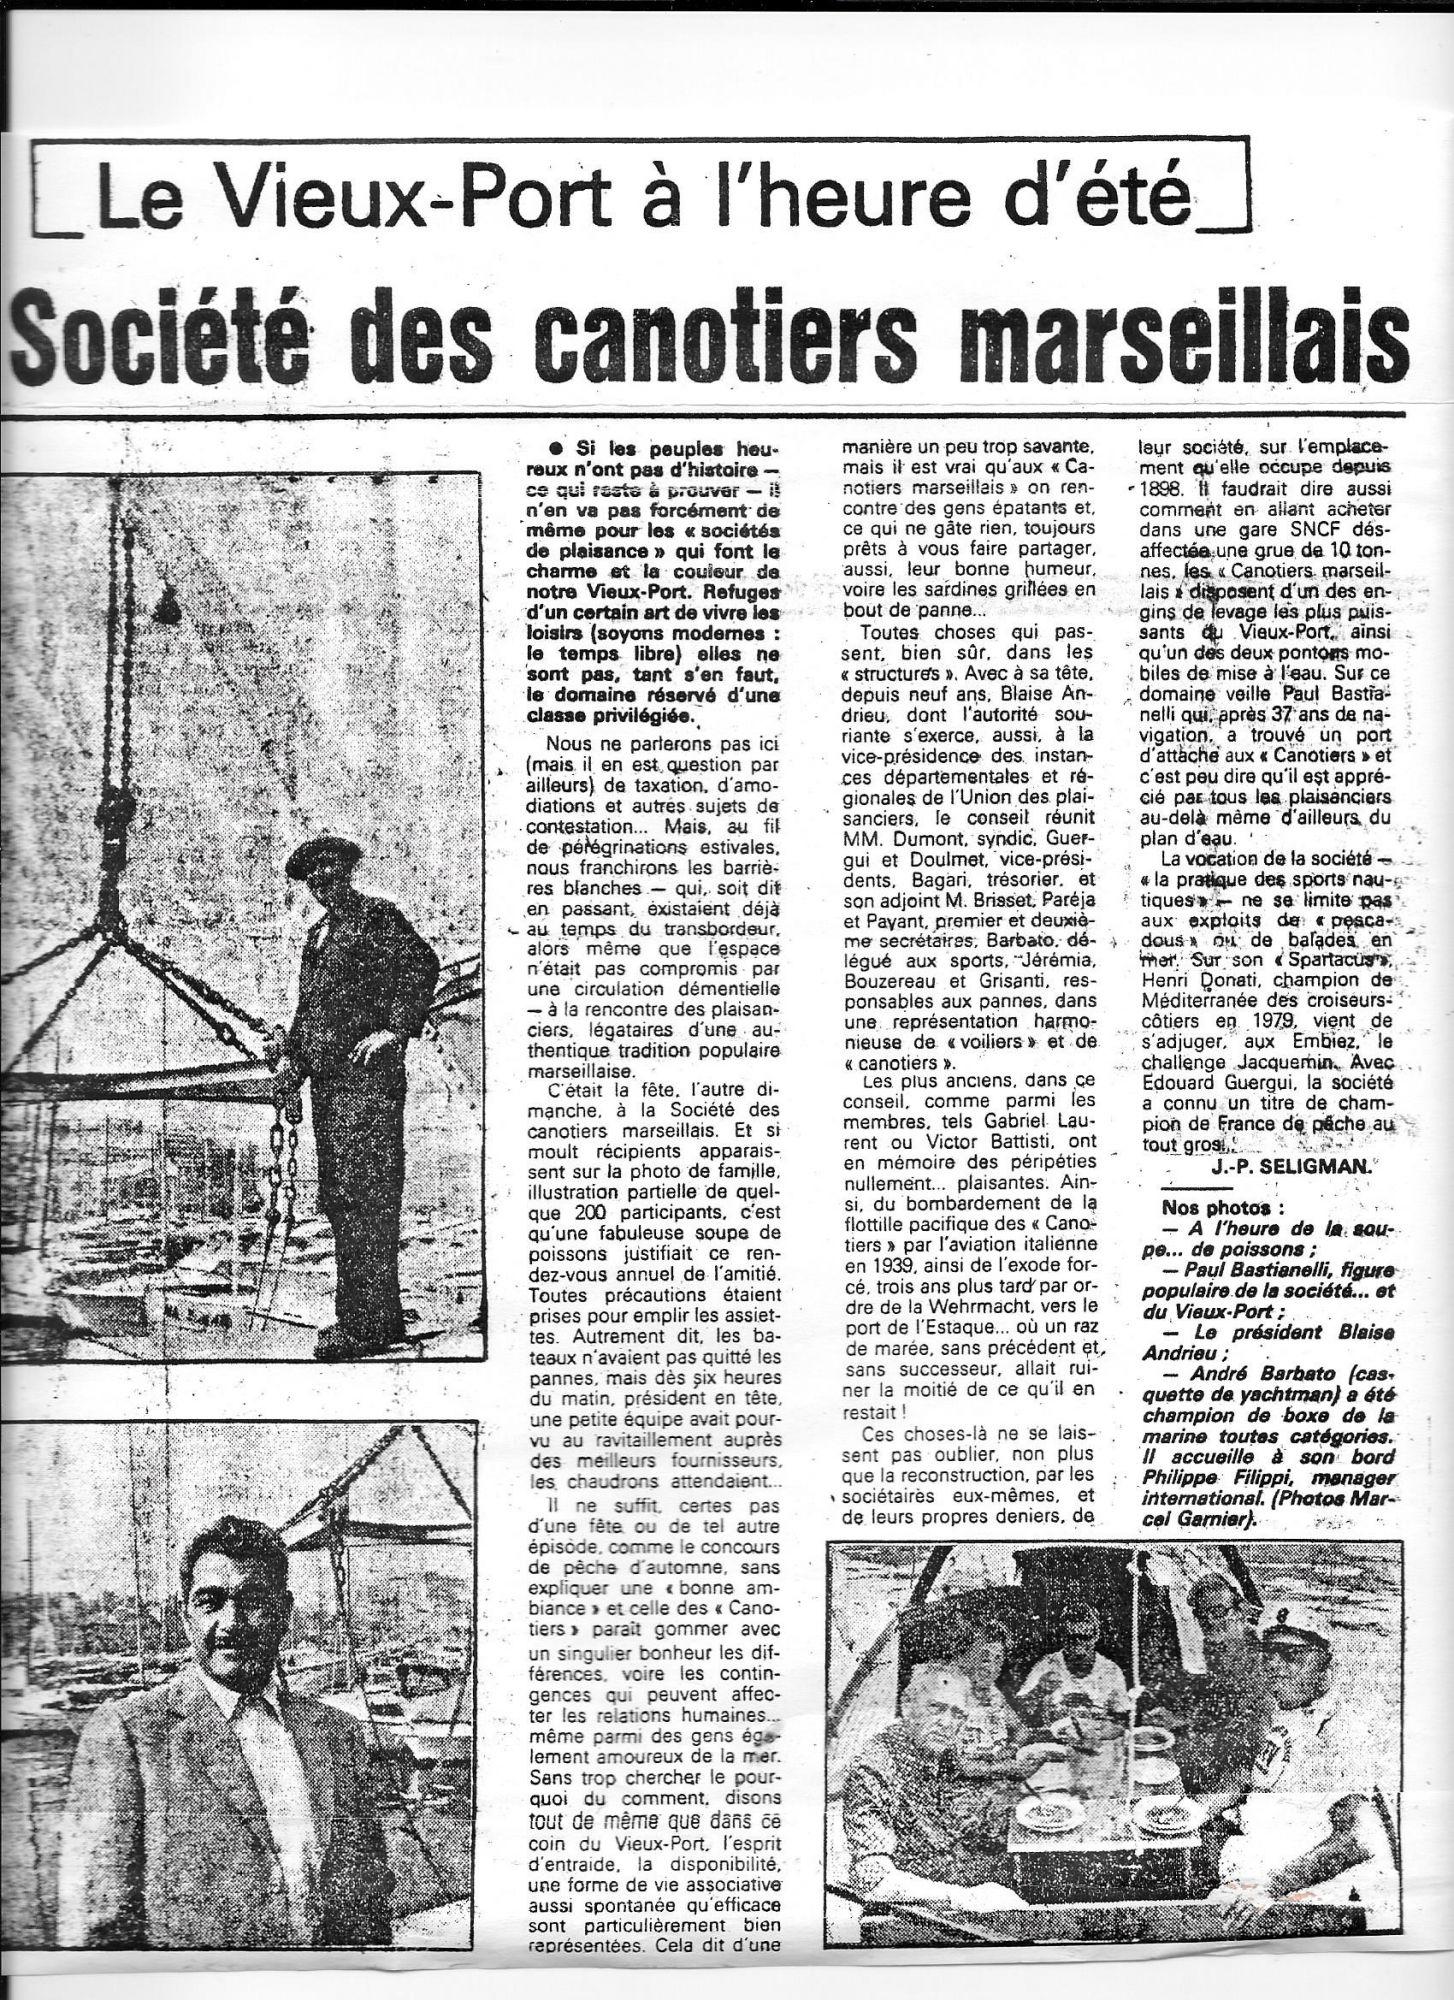 1981-06-vieux-port-ete-s-c-m